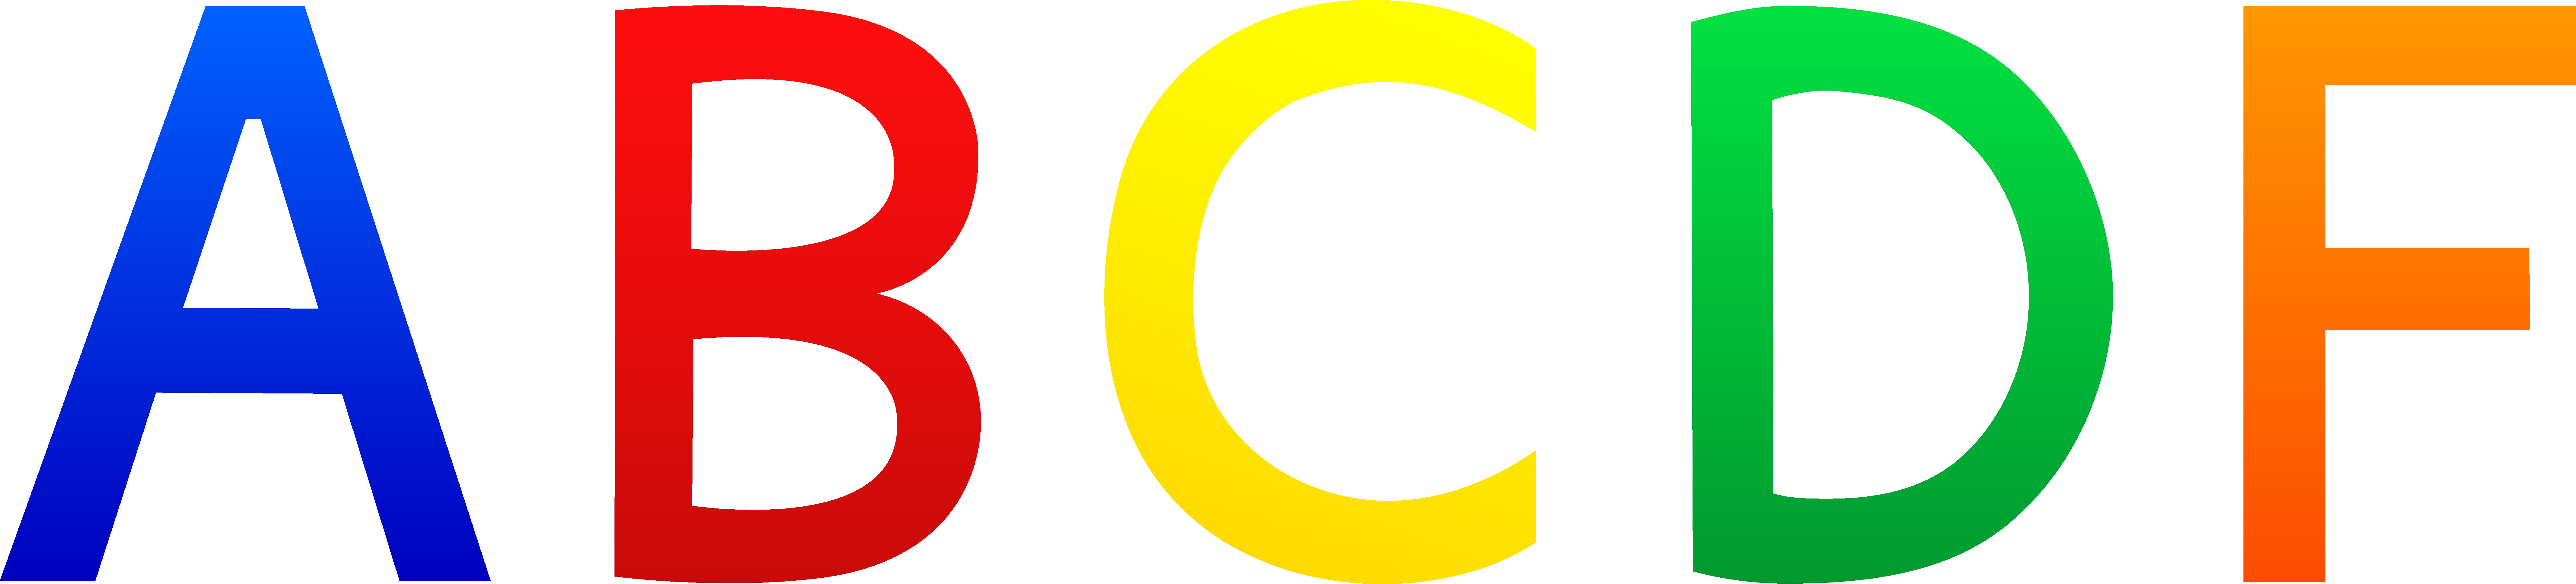 Kids clipart alphabet. Clip art letters free